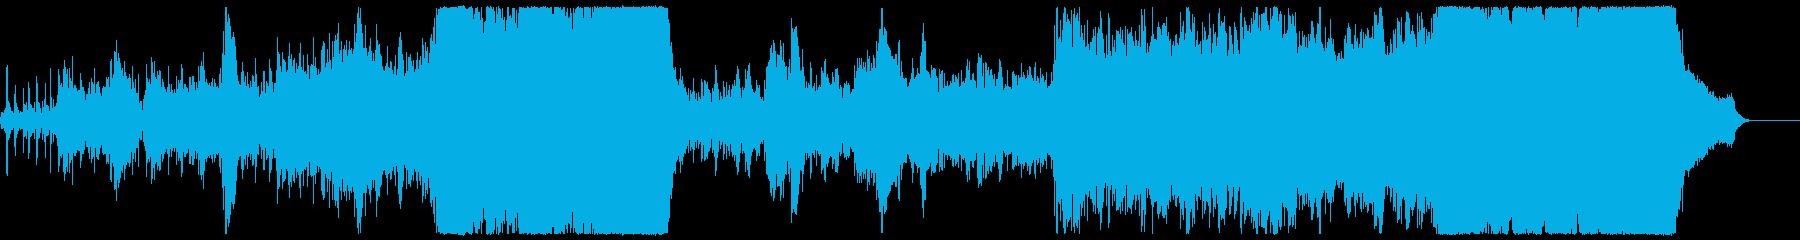 アップテンポな壮大ポップオーケストラの再生済みの波形